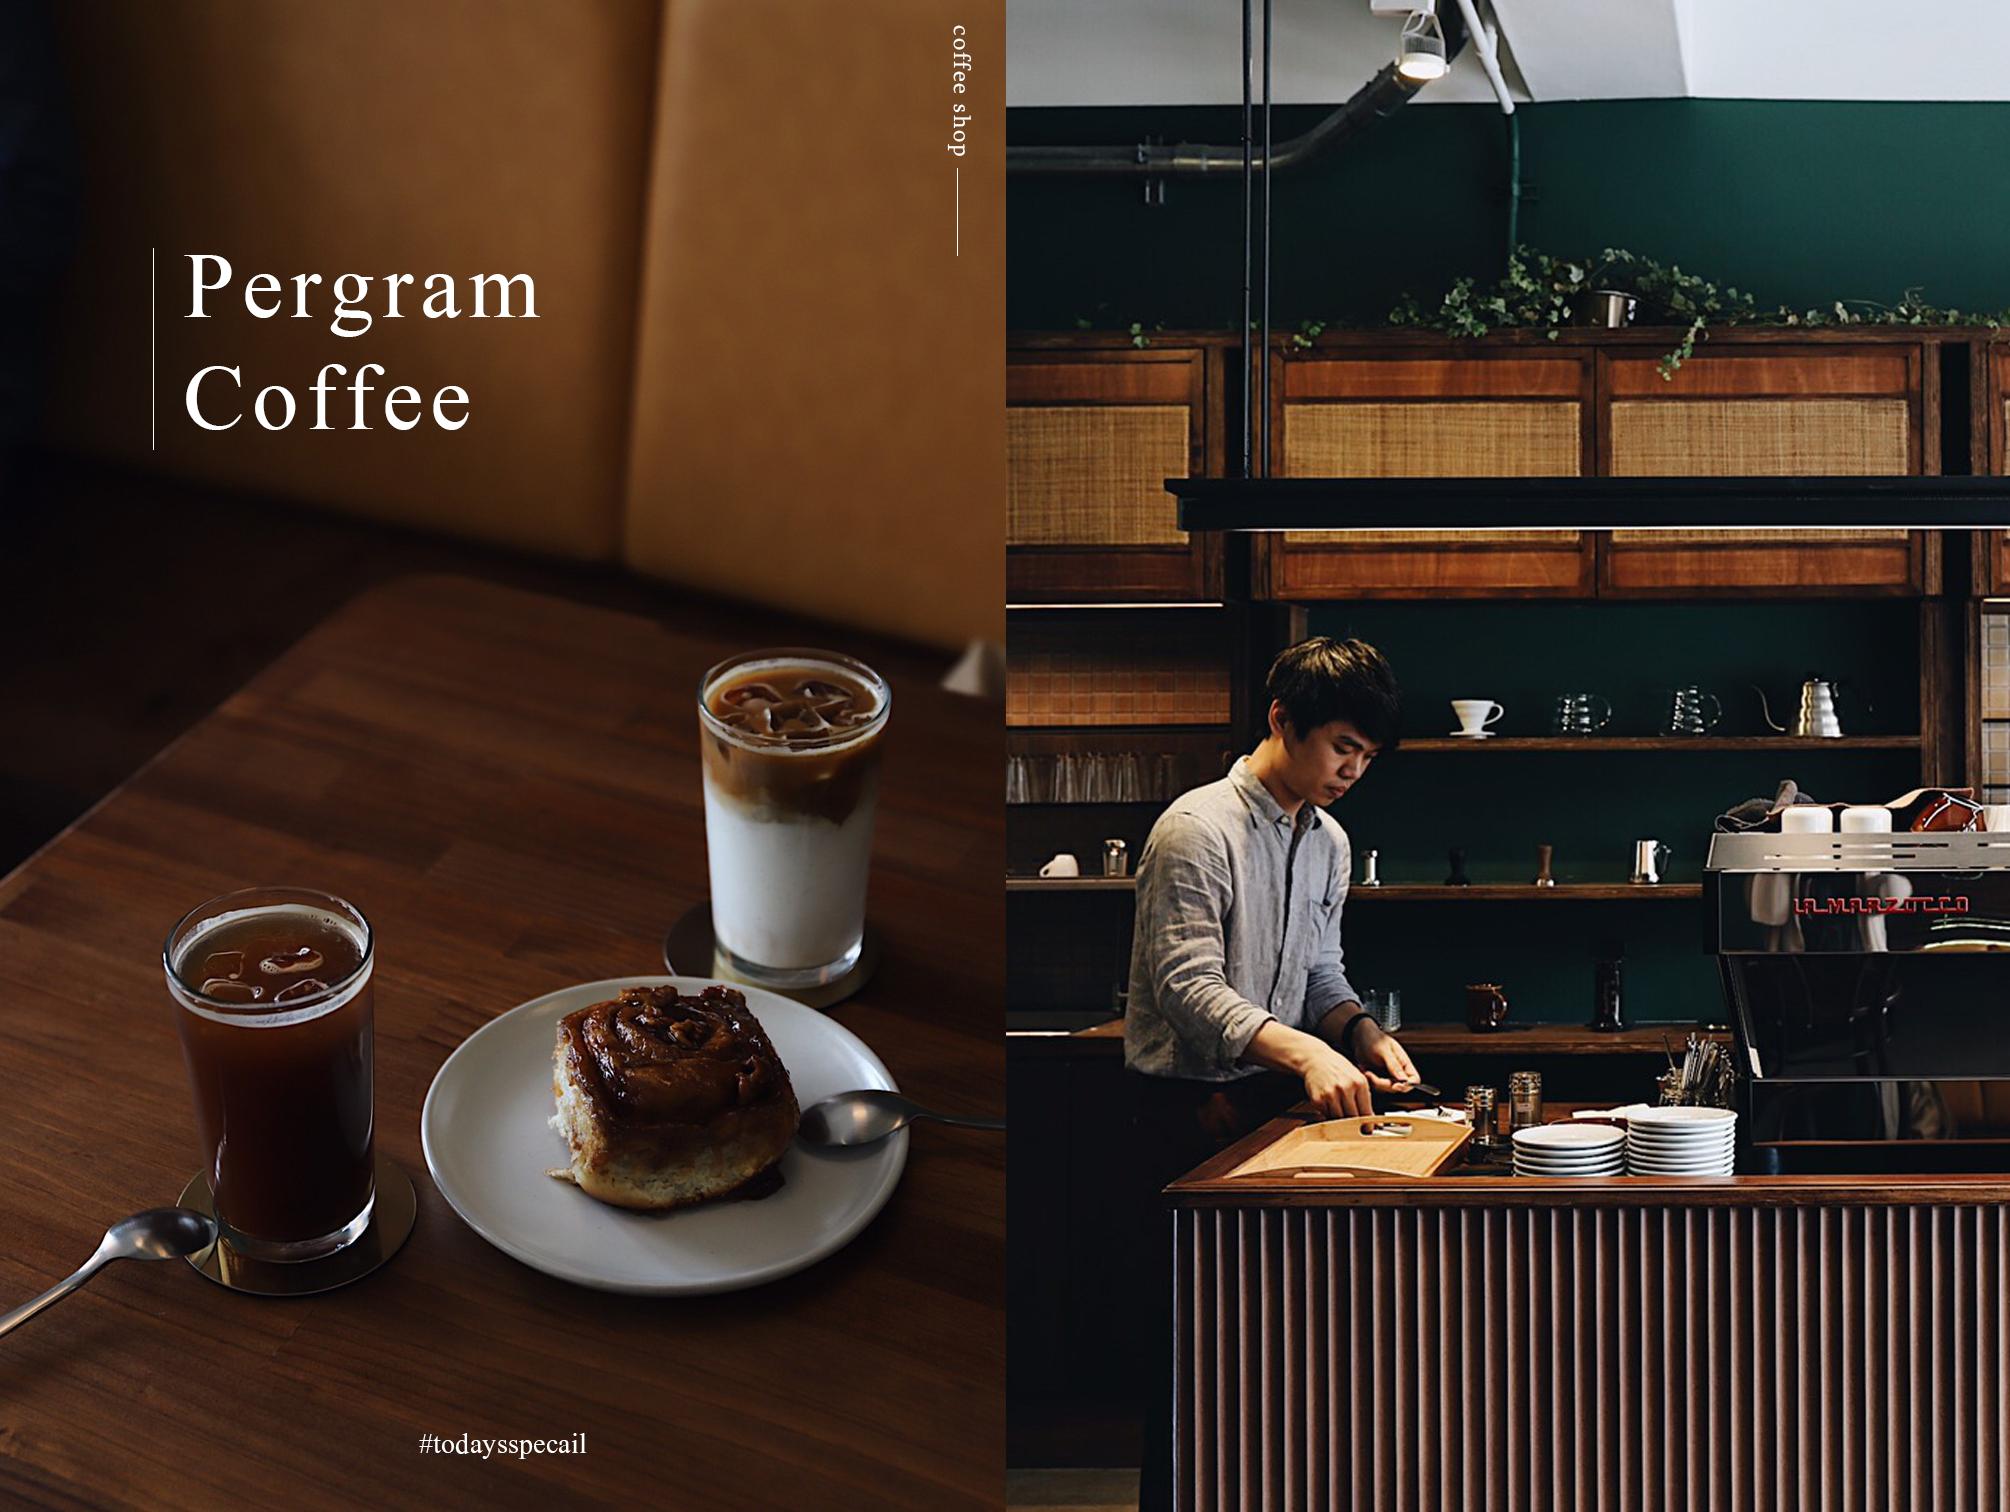 苗栗 | Pergram Coffee 沛克咖啡: 在質感空間裡來杯令人著迷的咖啡香及肉桂味